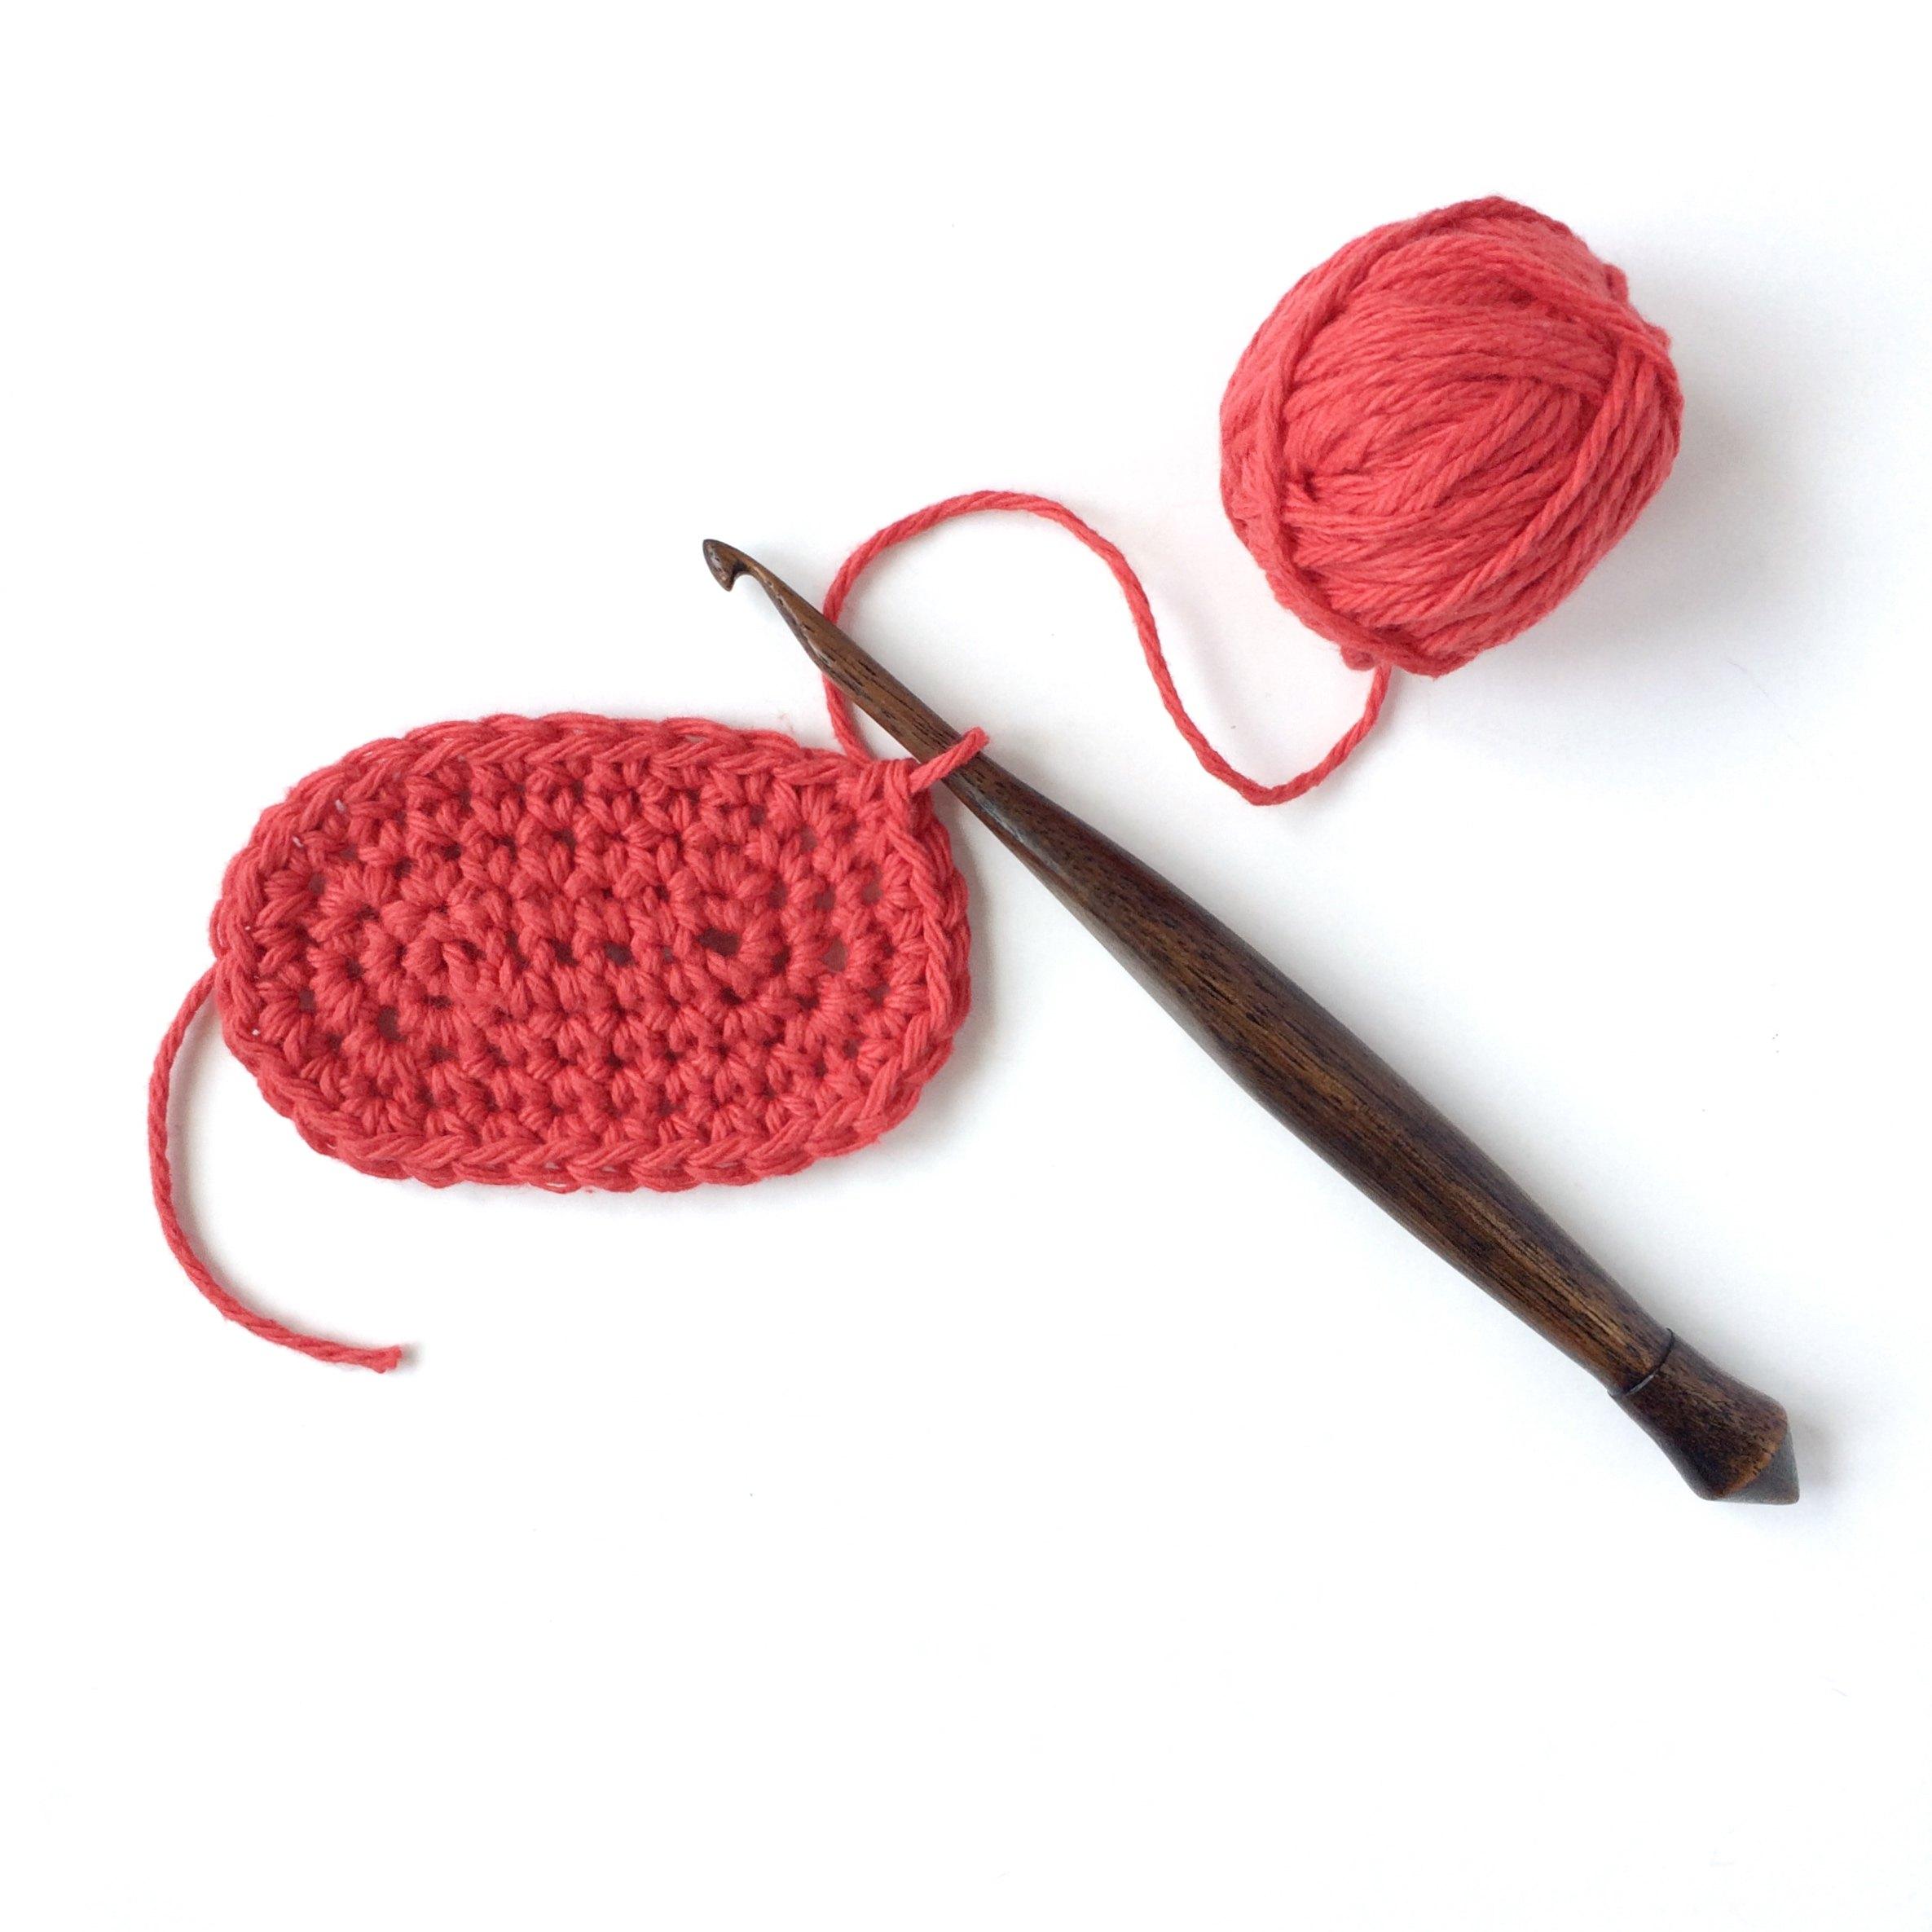 How to Crochet a Basic Oval Shape | eHow